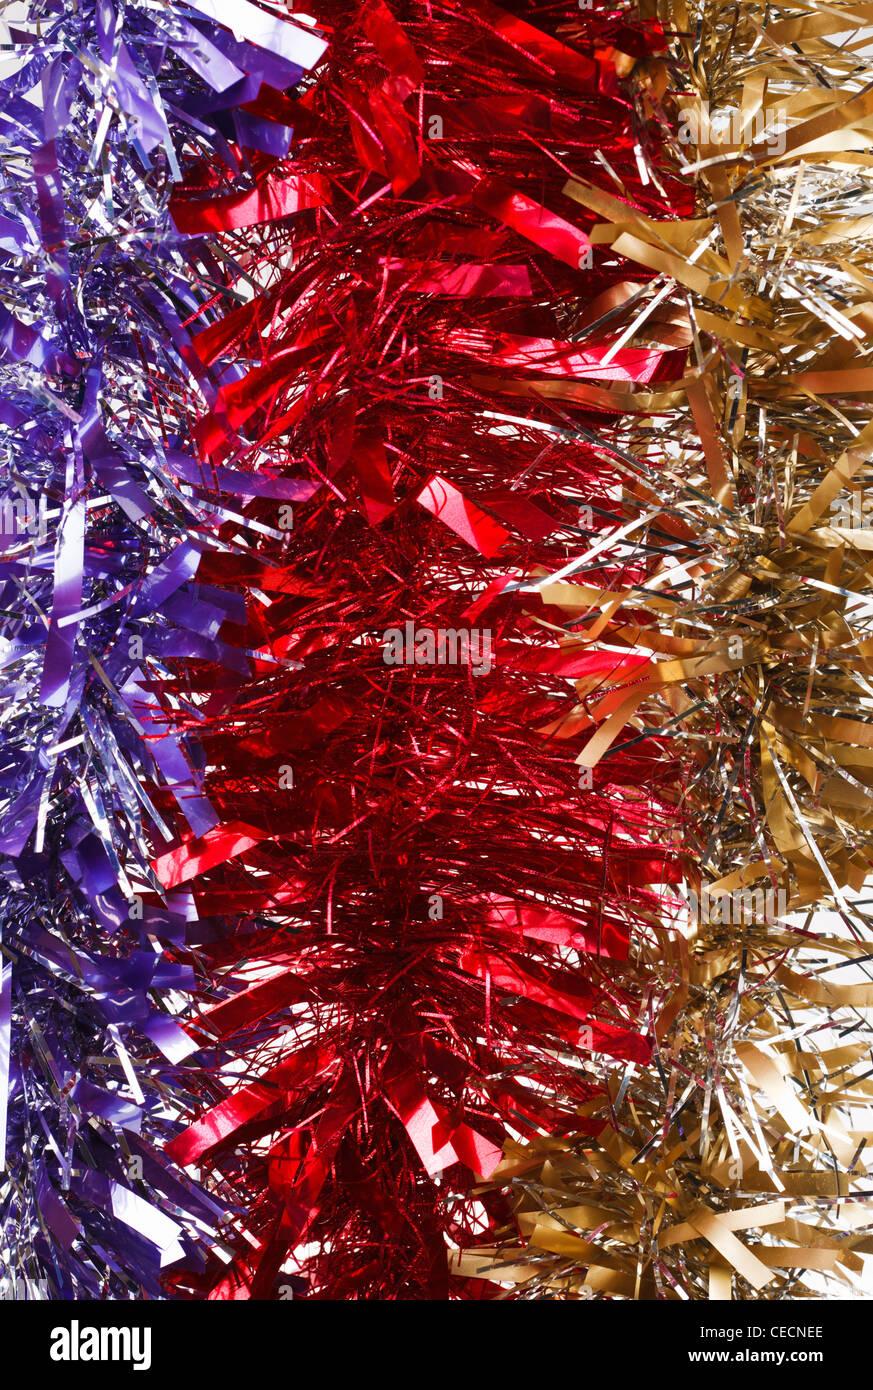 Christmas tinsel - Stock Image